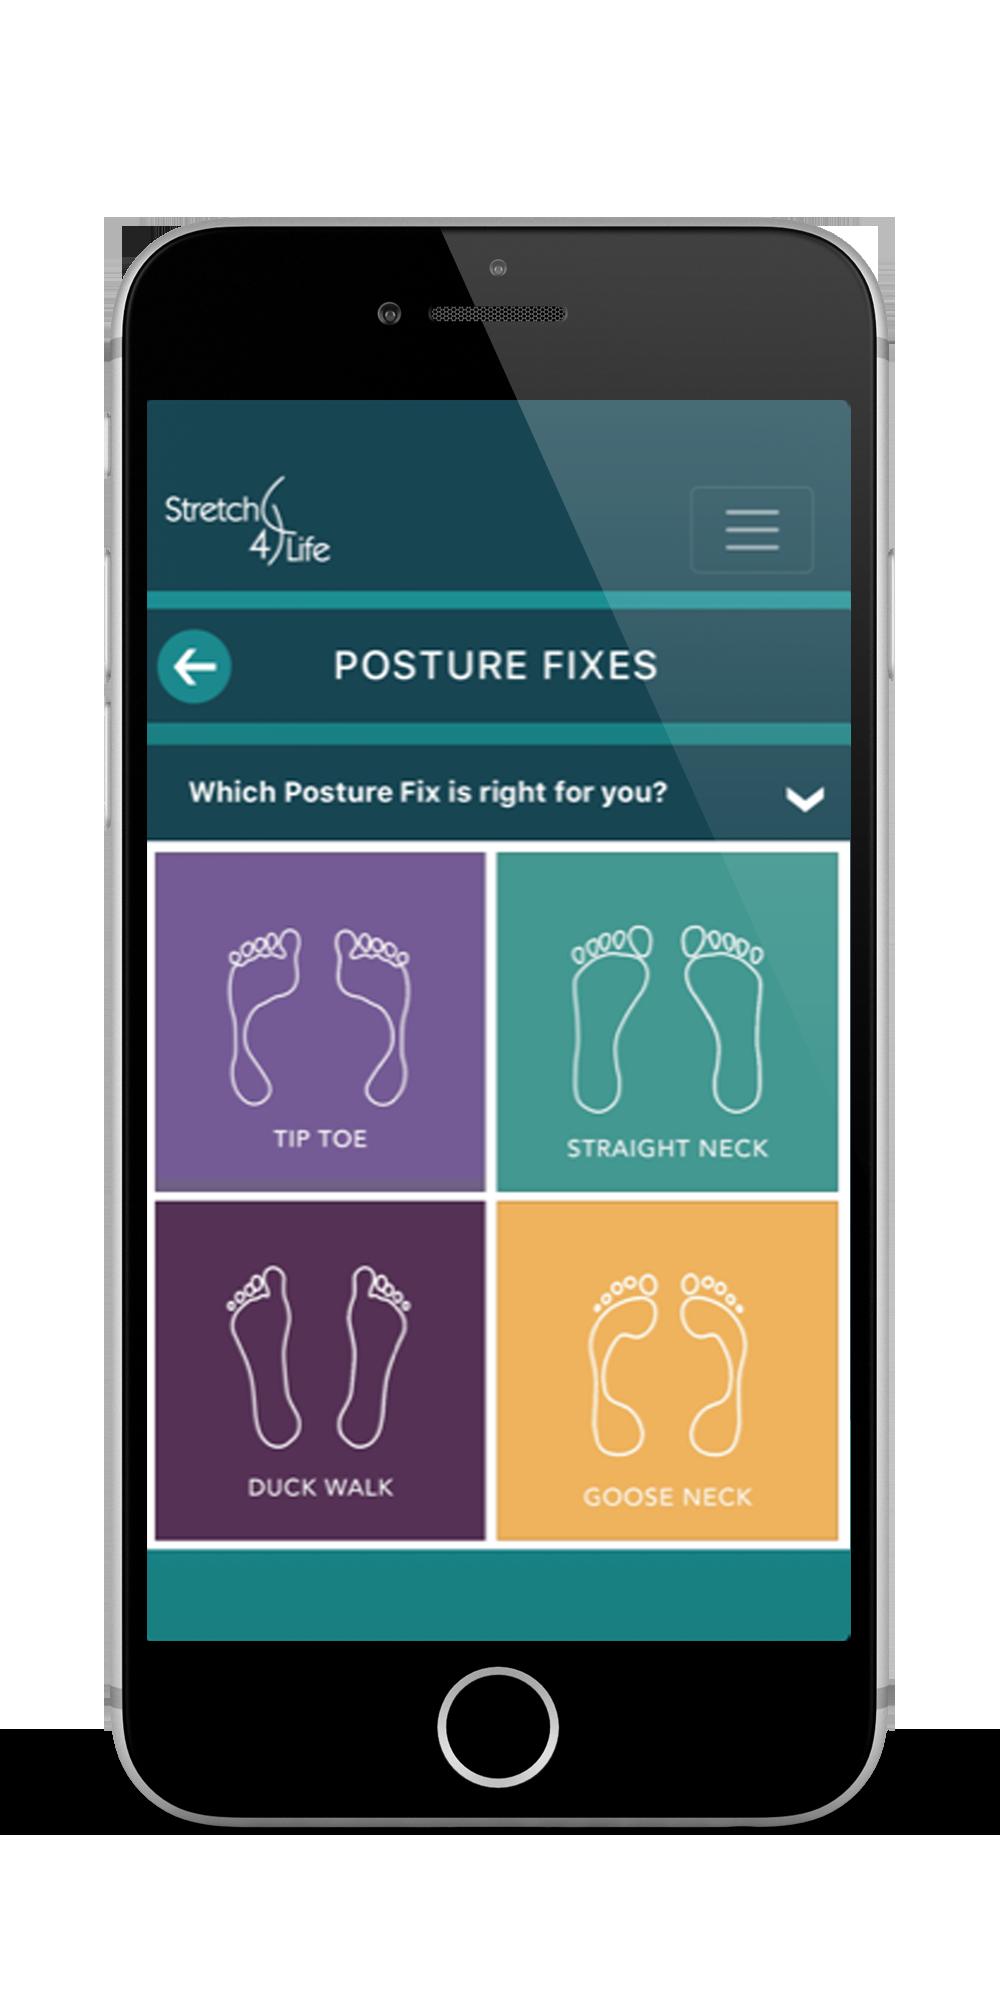 Posture Fixes Stretch4Life App